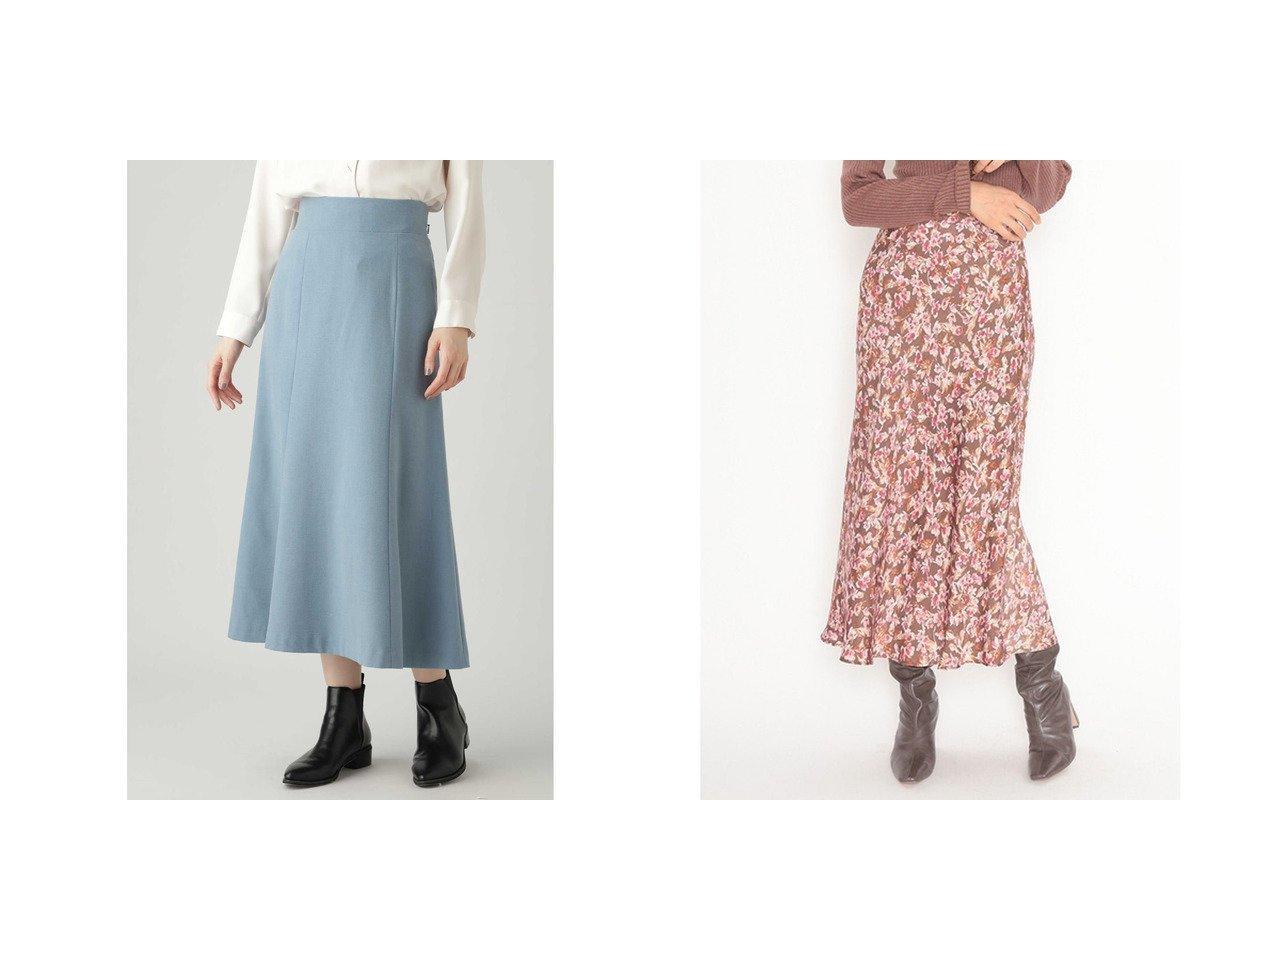 【SNIDEL/スナイデル】のバリエプリントナロースカート&【N.Natural Beauty basic/エヌ ナチュラルビューティーベーシック】のサキソニーマーメイドスカート スカートのおすすめ!人気、レディースファッションの通販 おすすめで人気のファッション通販商品 インテリア・家具・キッズファッション・メンズファッション・レディースファッション・服の通販 founy(ファニー) https://founy.com/ ファッション Fashion レディース WOMEN スカート Skirt フレア マーメイド 冬 Winter 春 サテン スマート トレンド ドット バイアス プリント ミモレ モダン ロング  ID:crp329100000003173